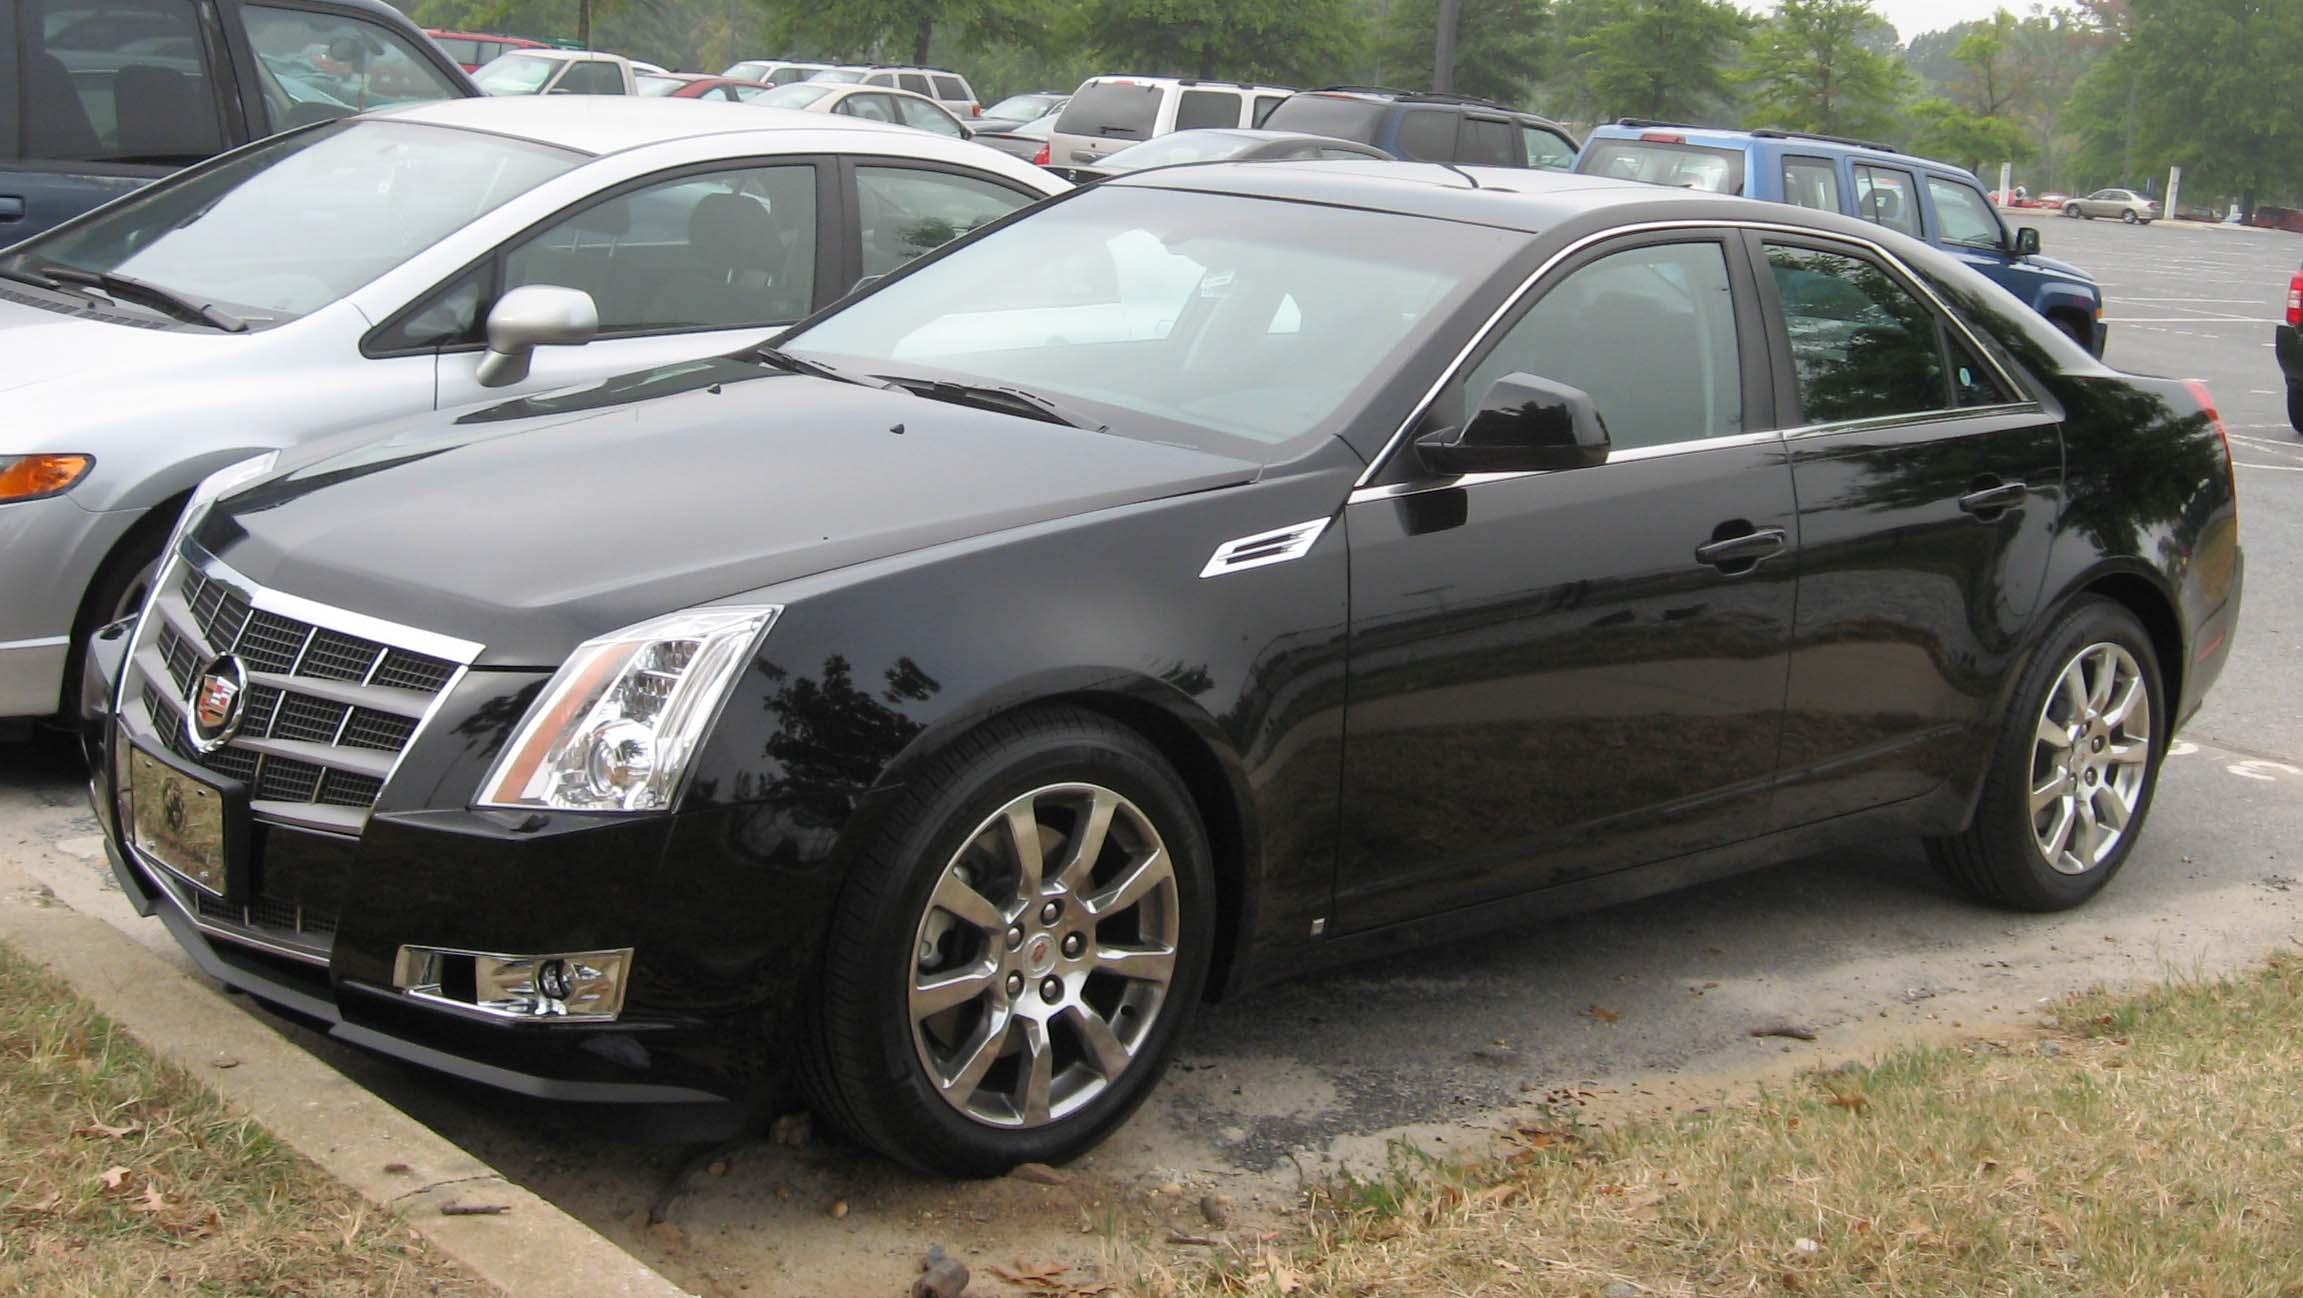 Cadillac cts photo 15